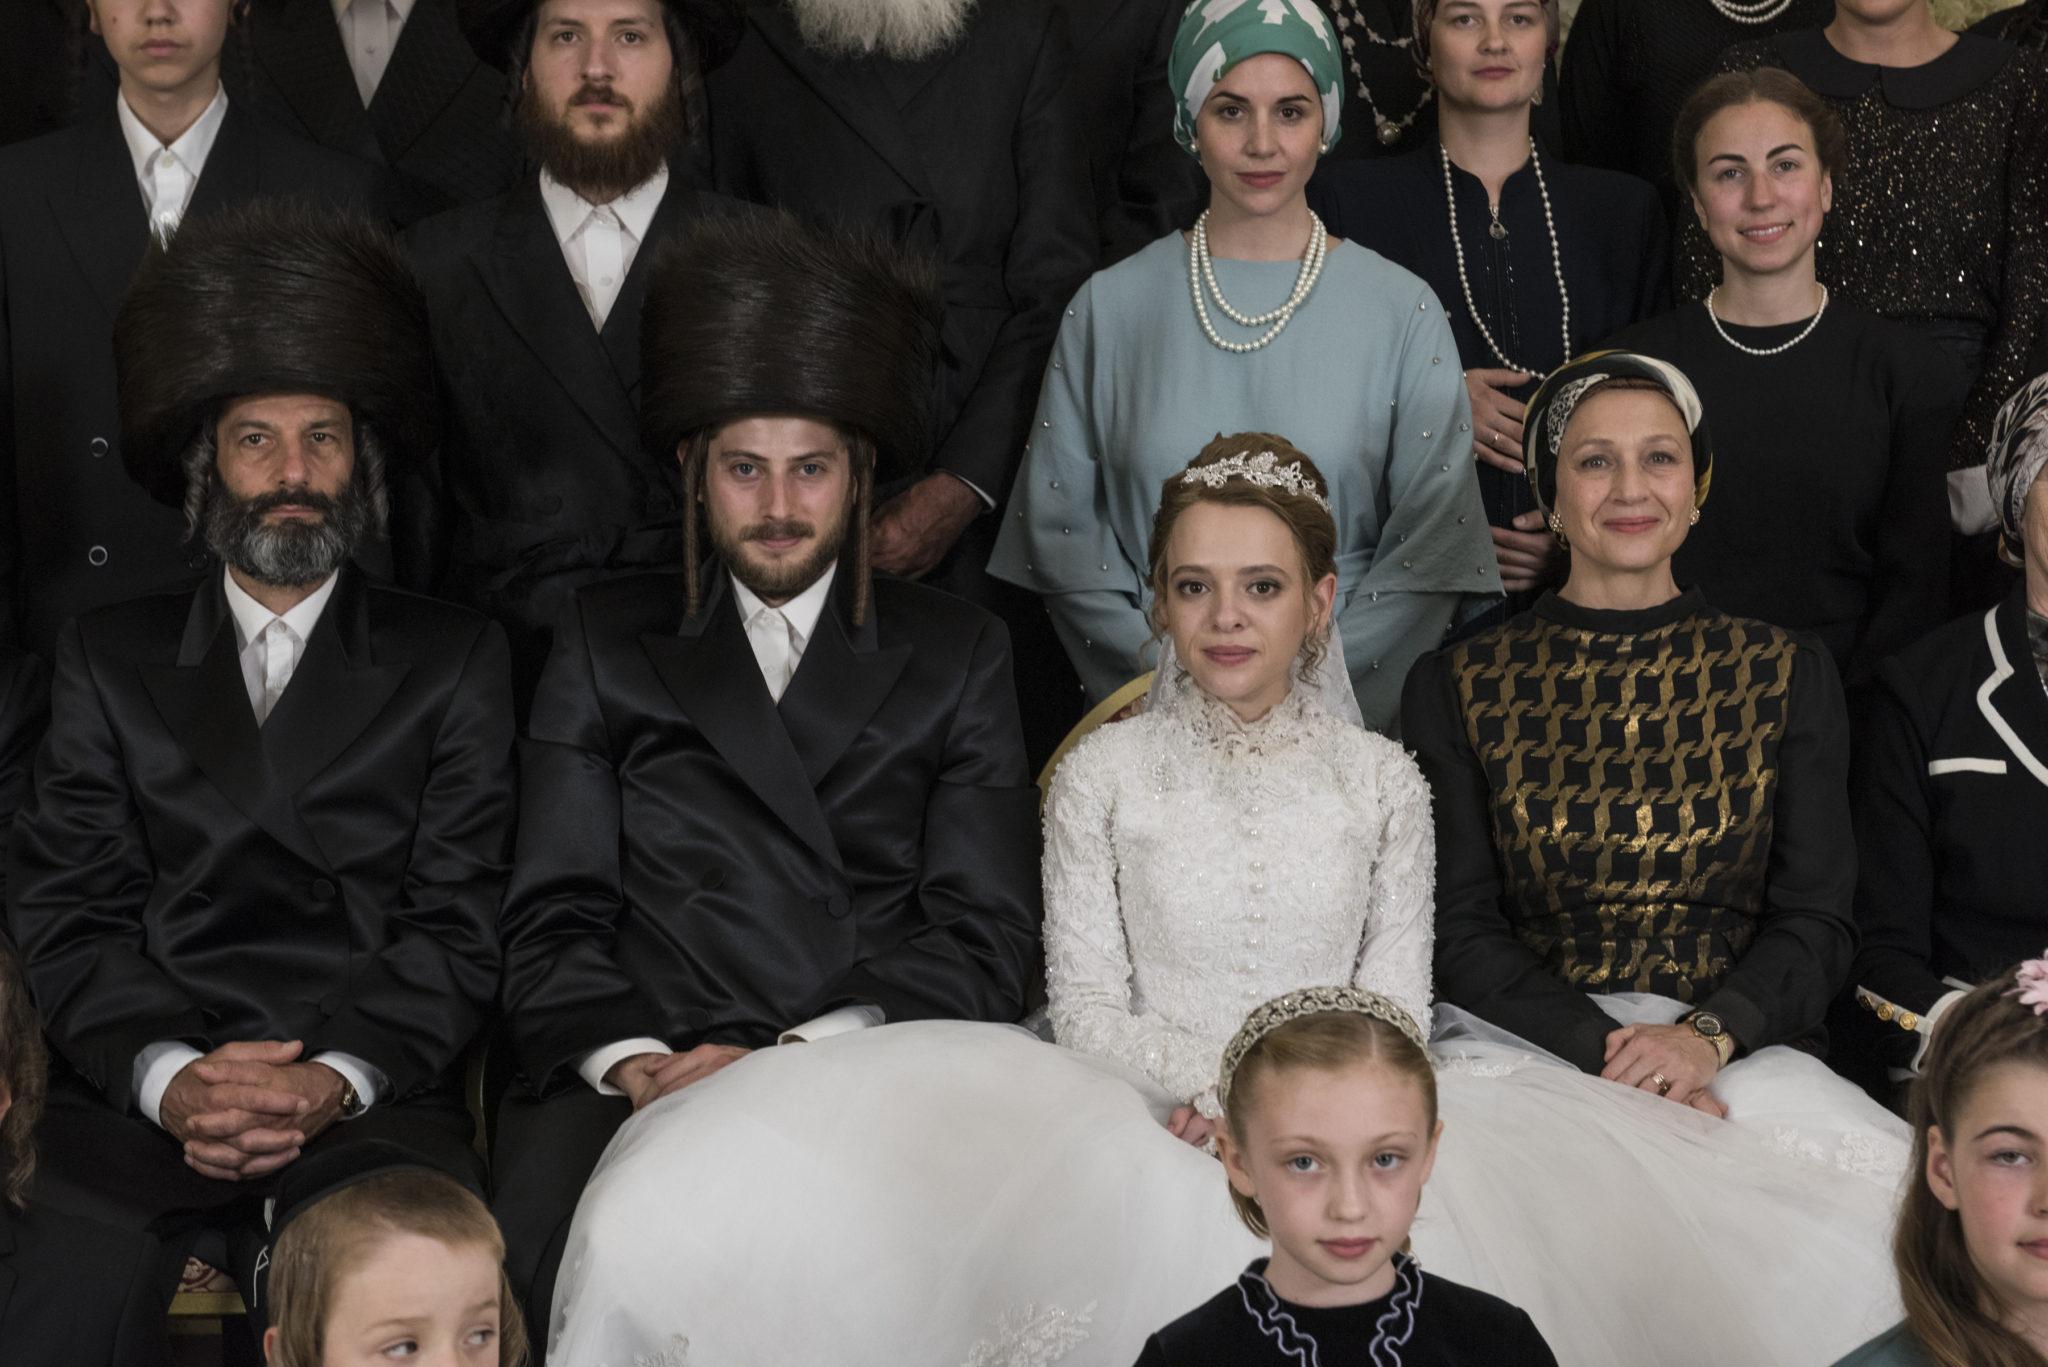 Unorthodox ślub w świecie ortodoksyjnych żydów